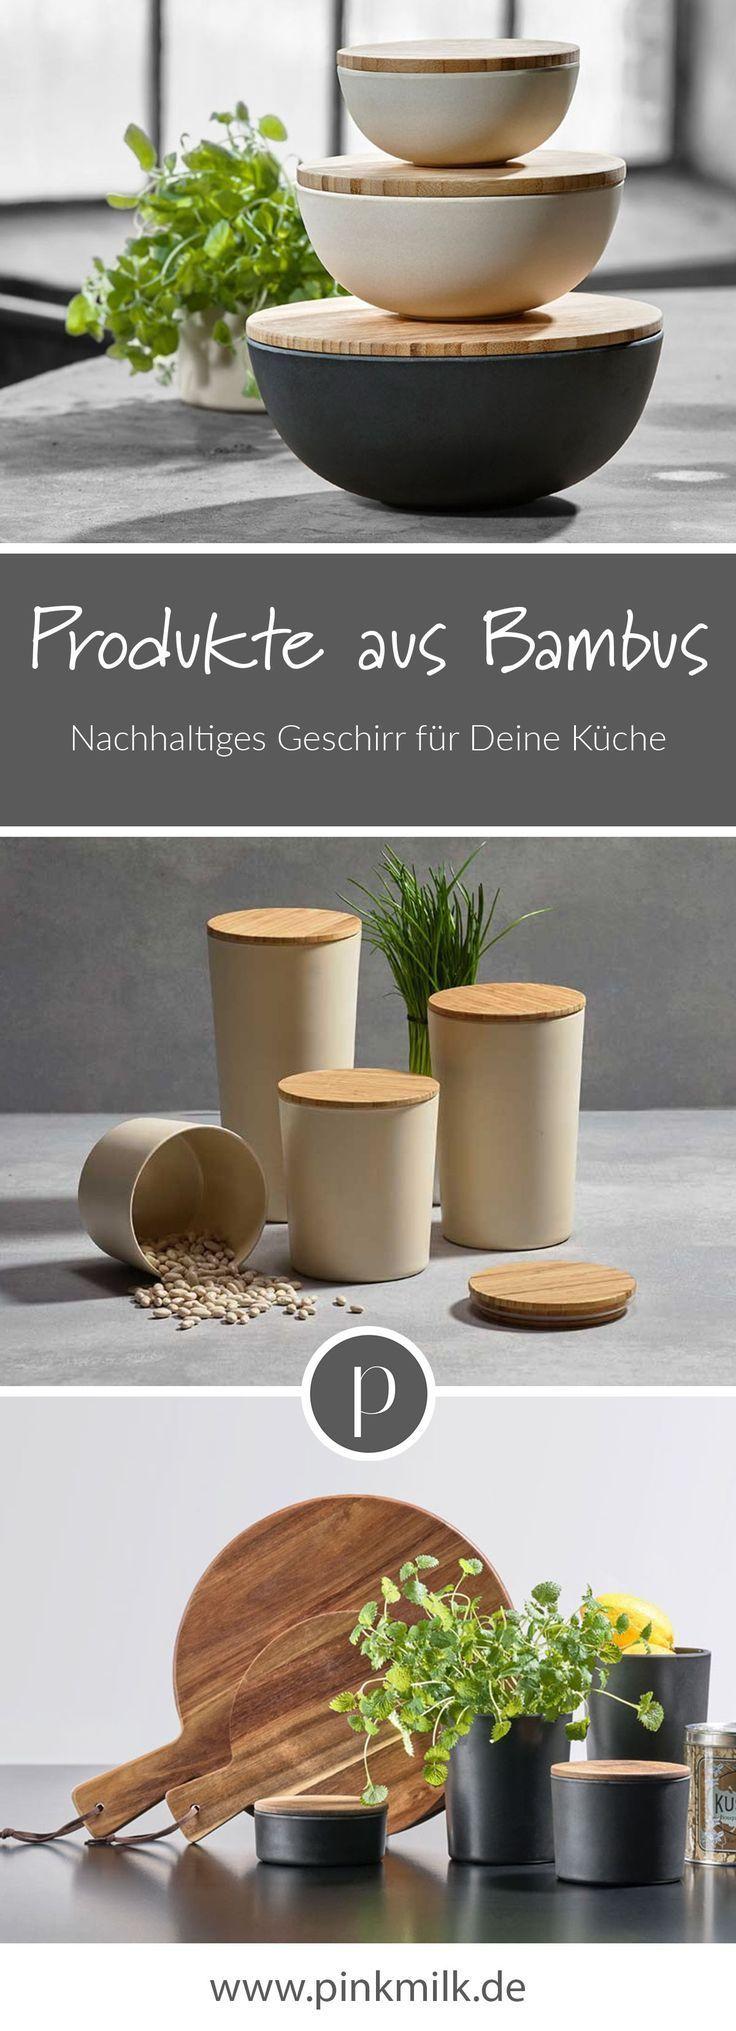 Produkte aus Bambus! Bei pinkmilk findest Du nachhaltiges Geschirr aus Bambus f